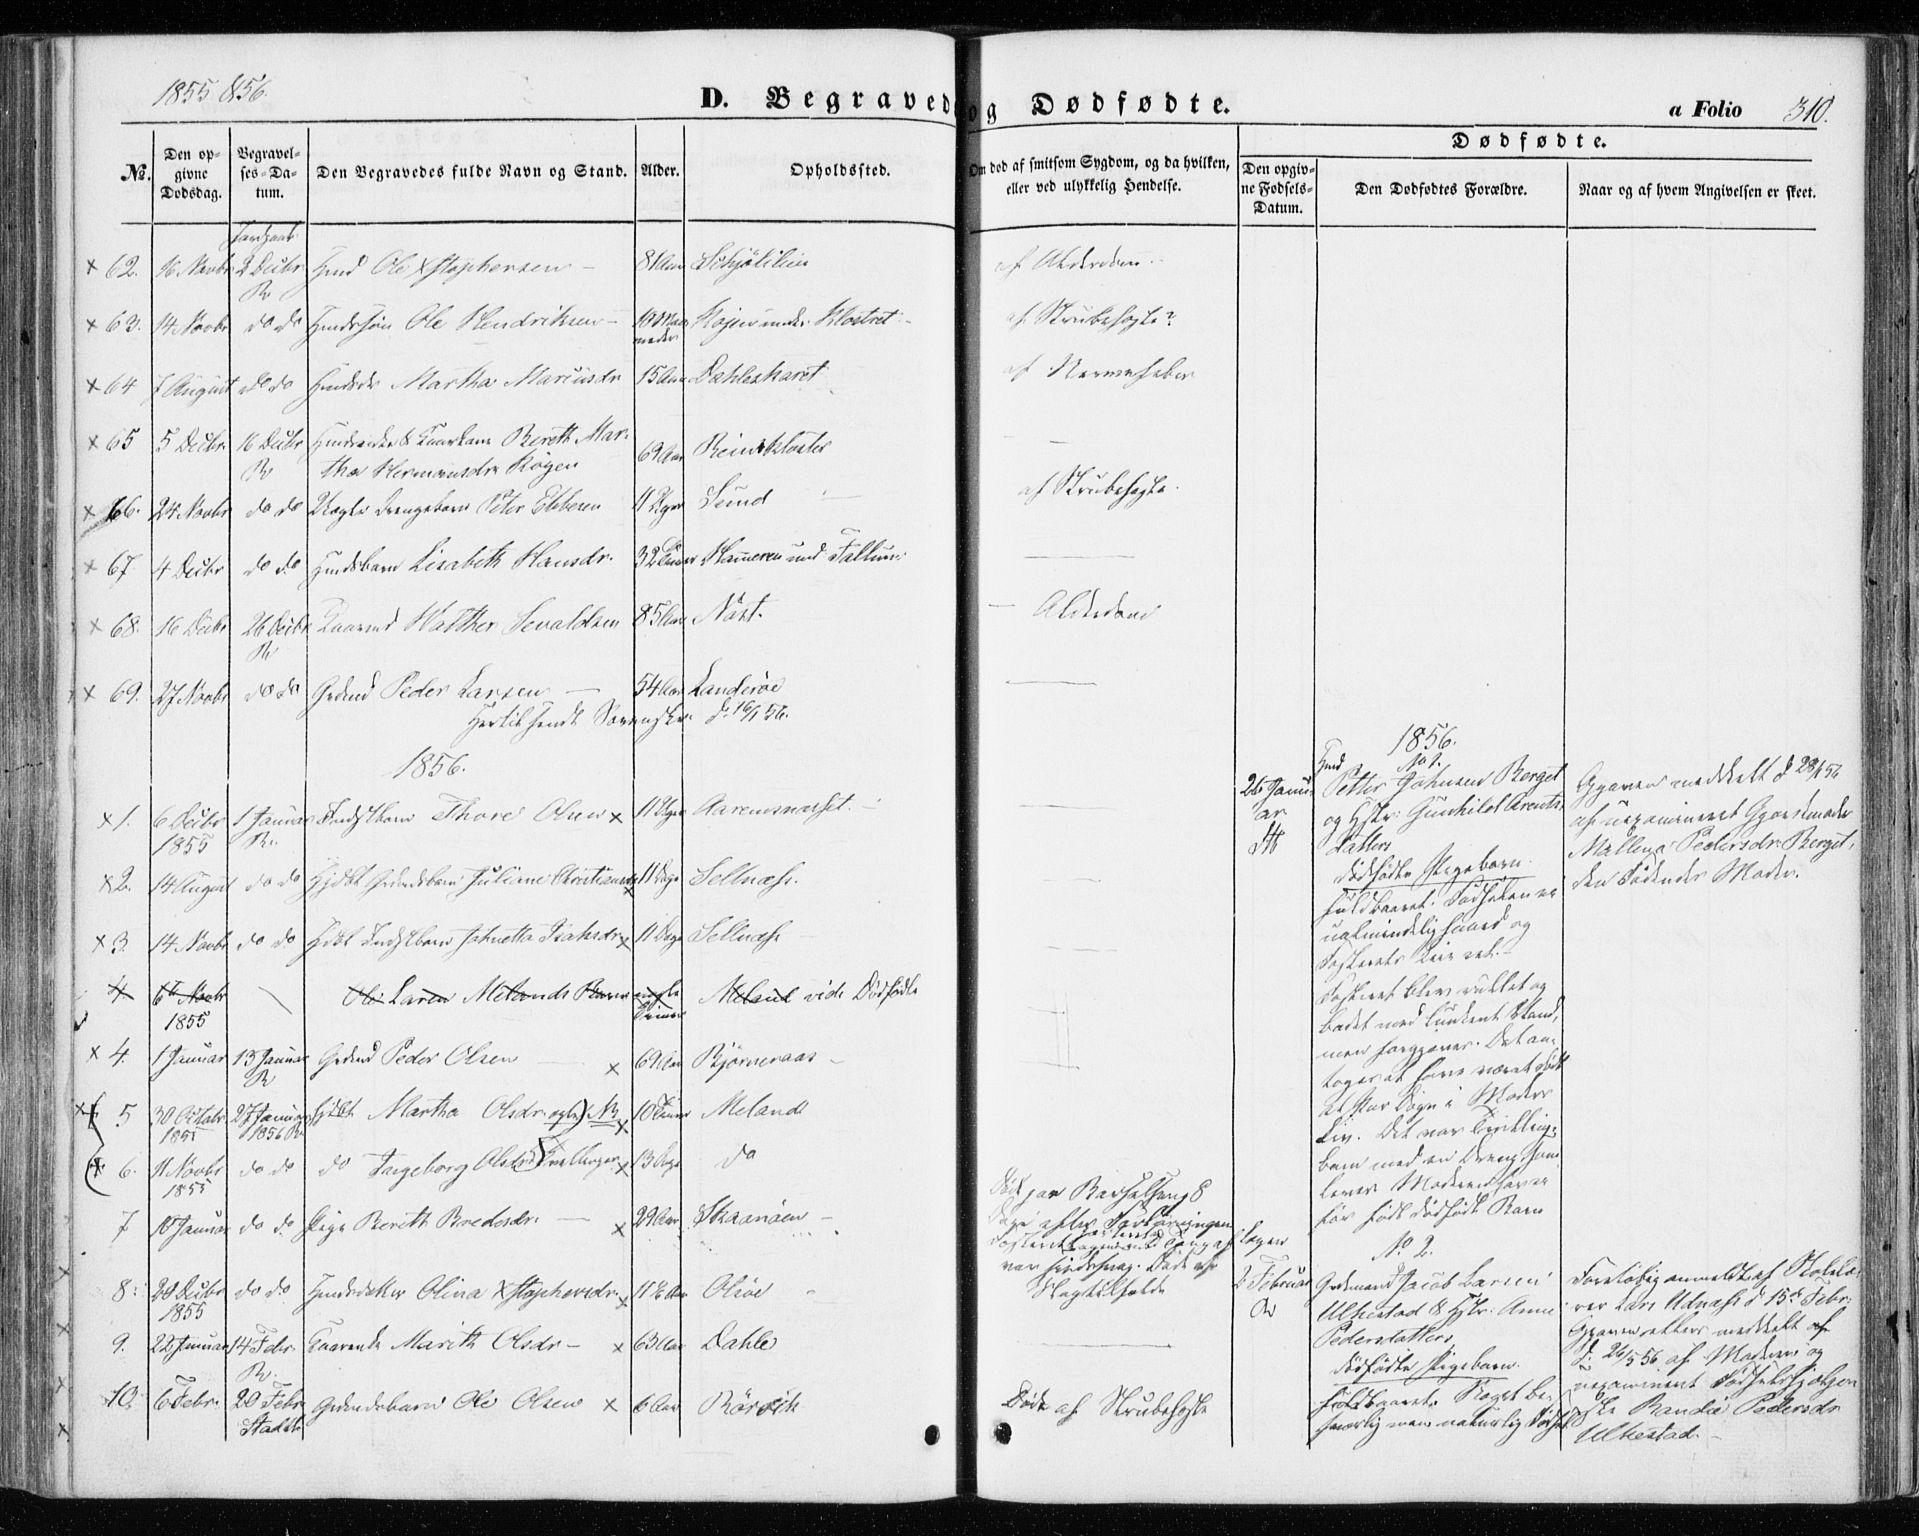 SAT, Ministerialprotokoller, klokkerbøker og fødselsregistre - Sør-Trøndelag, 646/L0611: Ministerialbok nr. 646A09, 1848-1857, s. 310